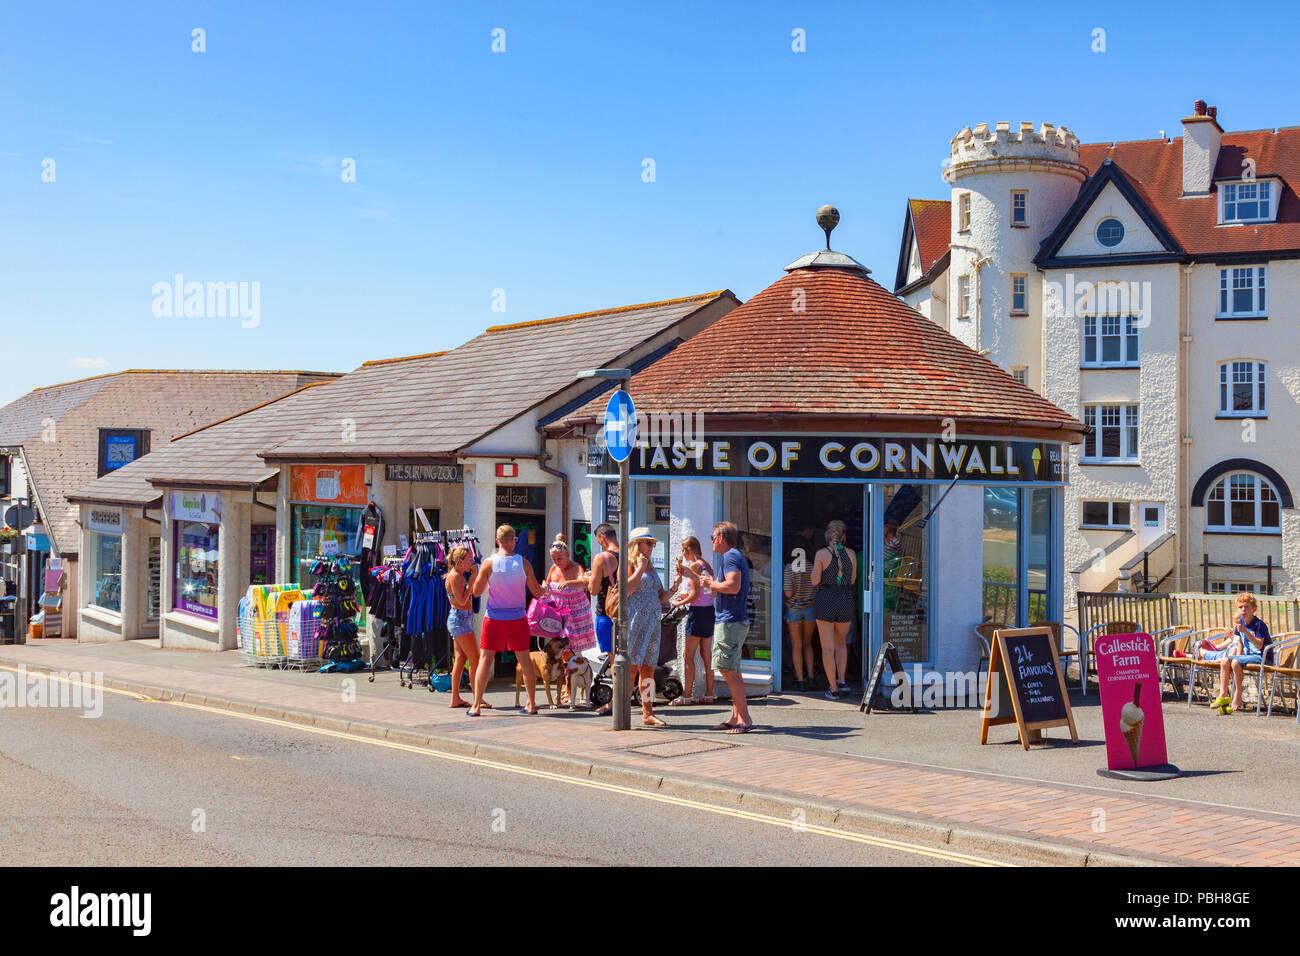 7 Juillet 2018: Bude Cornwall UK - Dans la poursuite du temps ensoleillé, chaud les gens cool de manger à l'extérieur de la crème glacée goût de Cornwall en belle vue. Photo Stock